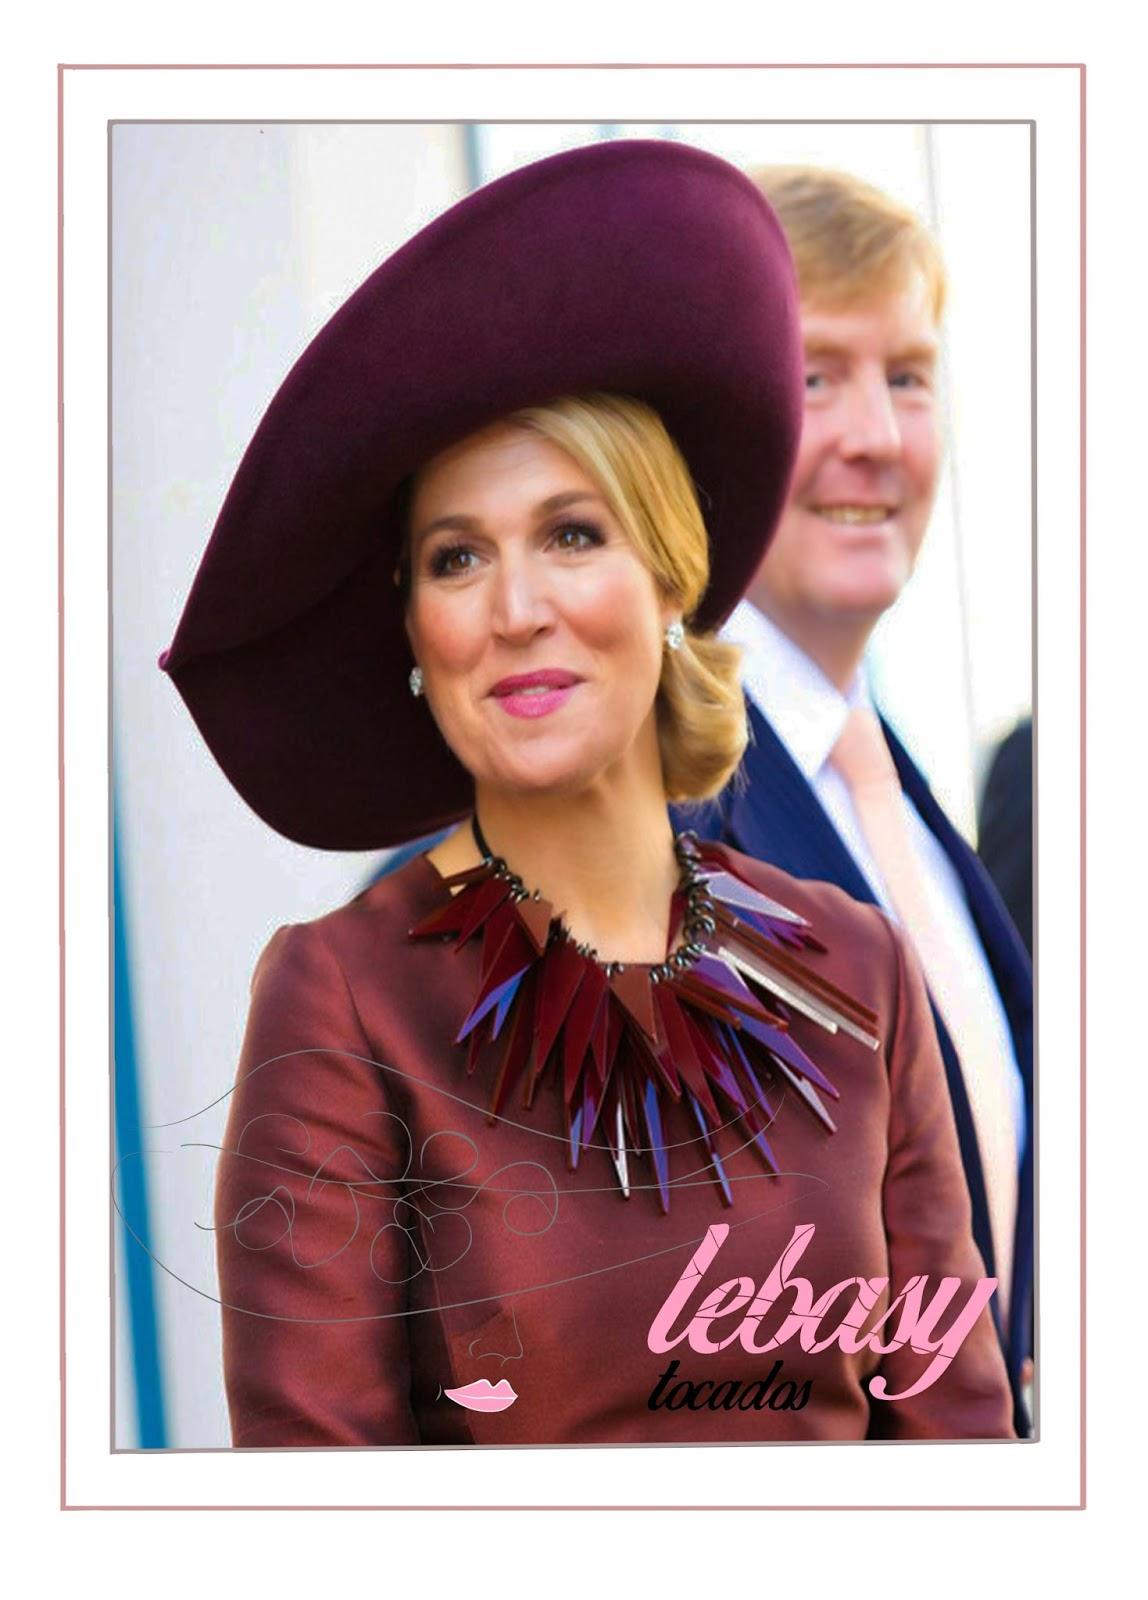 Pamela Maxima de Holanda en la recepcion de los Reyes de Espana